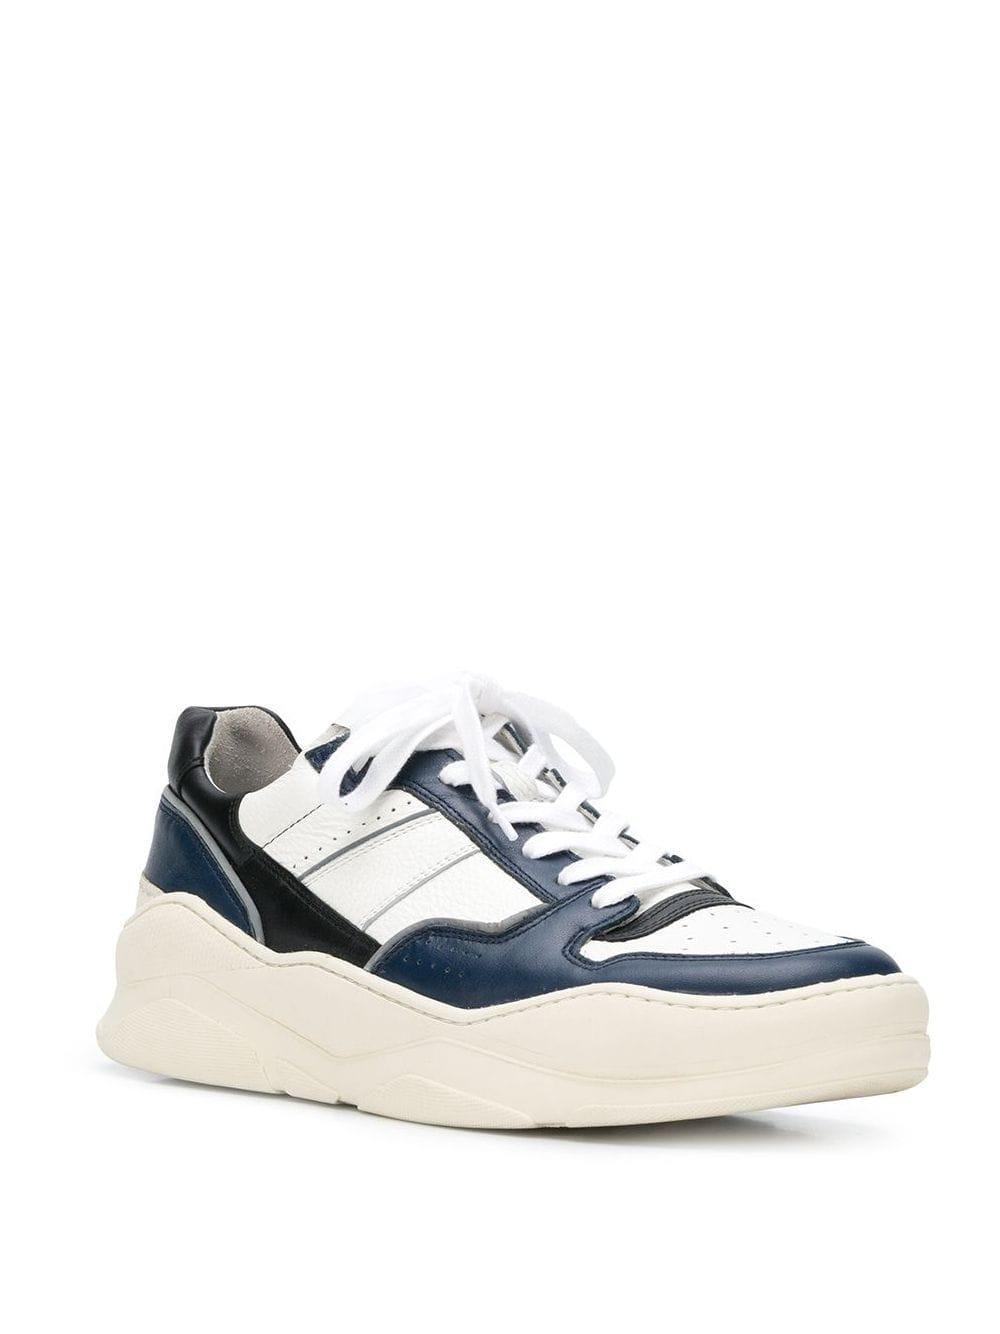 AMI Leder Sneakers mit Oversized-Sohle in Blau für Herren Hc68j